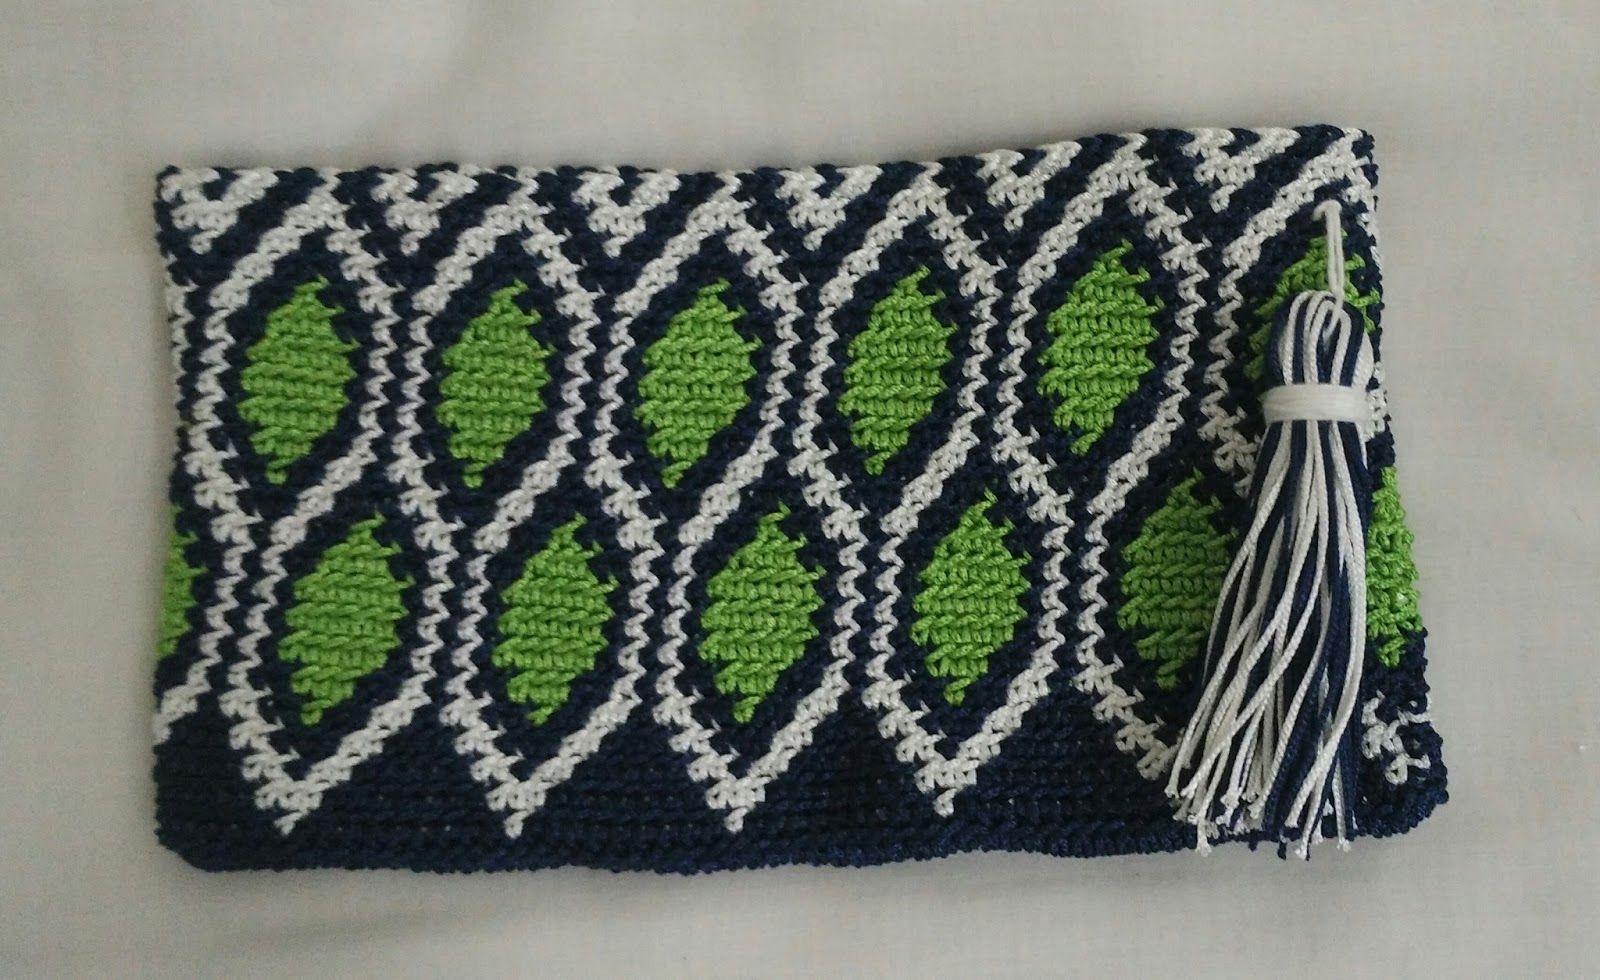 Increíble Hombre Del Modelo Carenado Crochet Adorno - Manta de Tejer ...